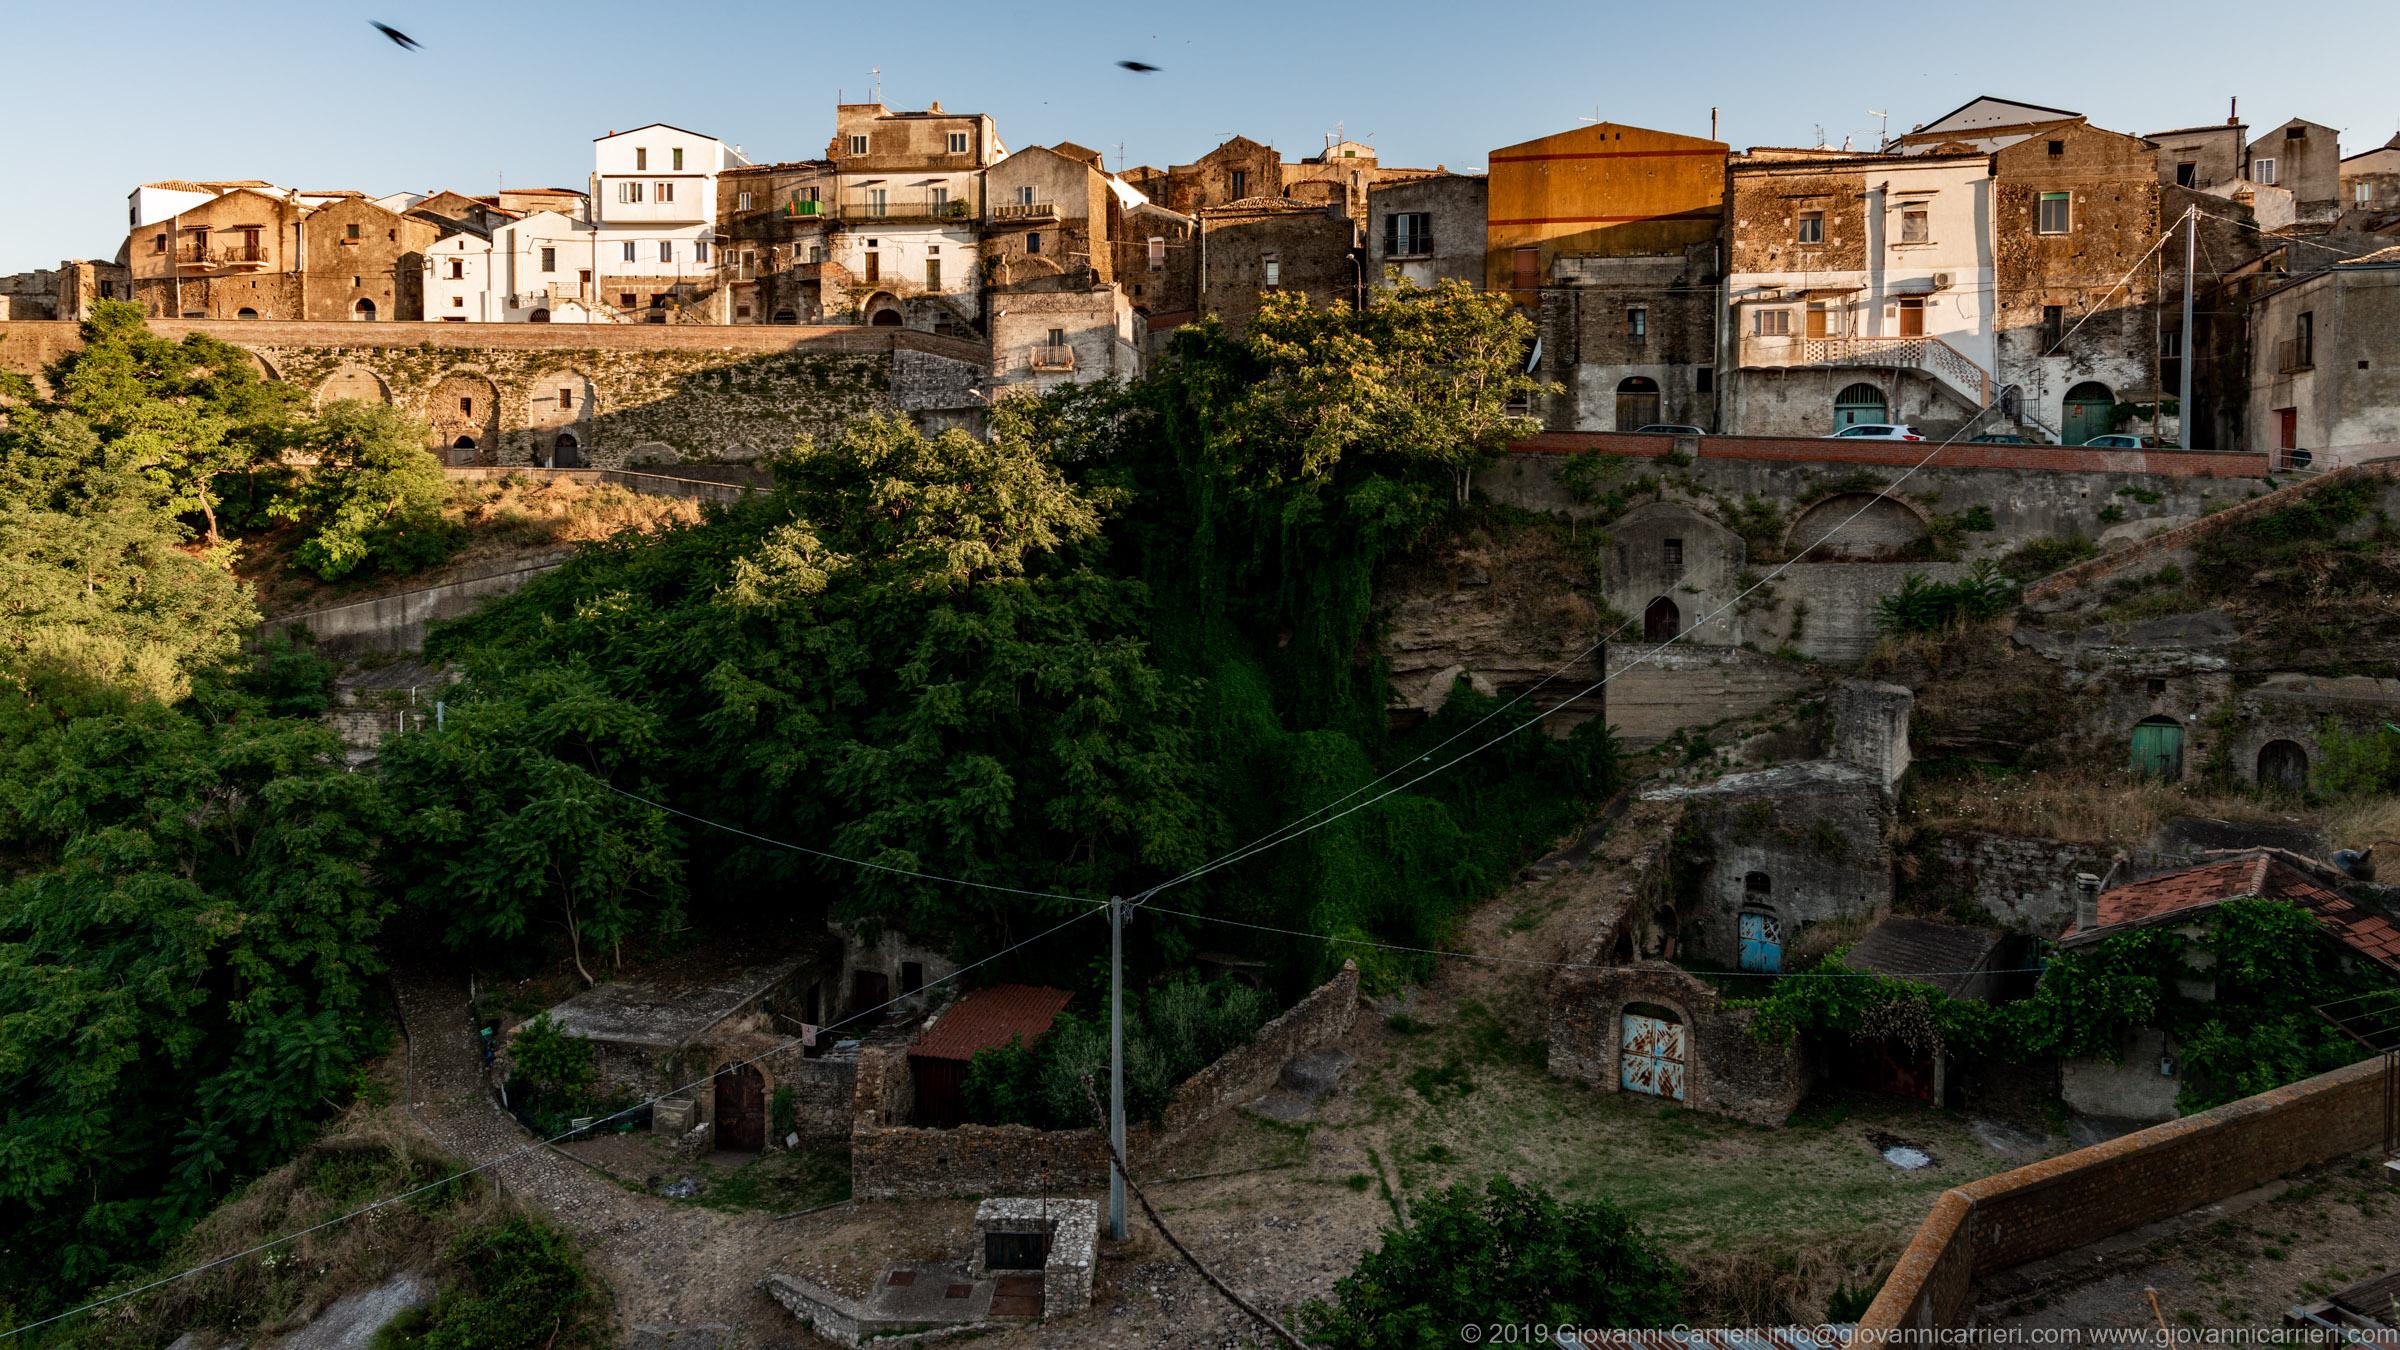 Il centro storico di Grottole